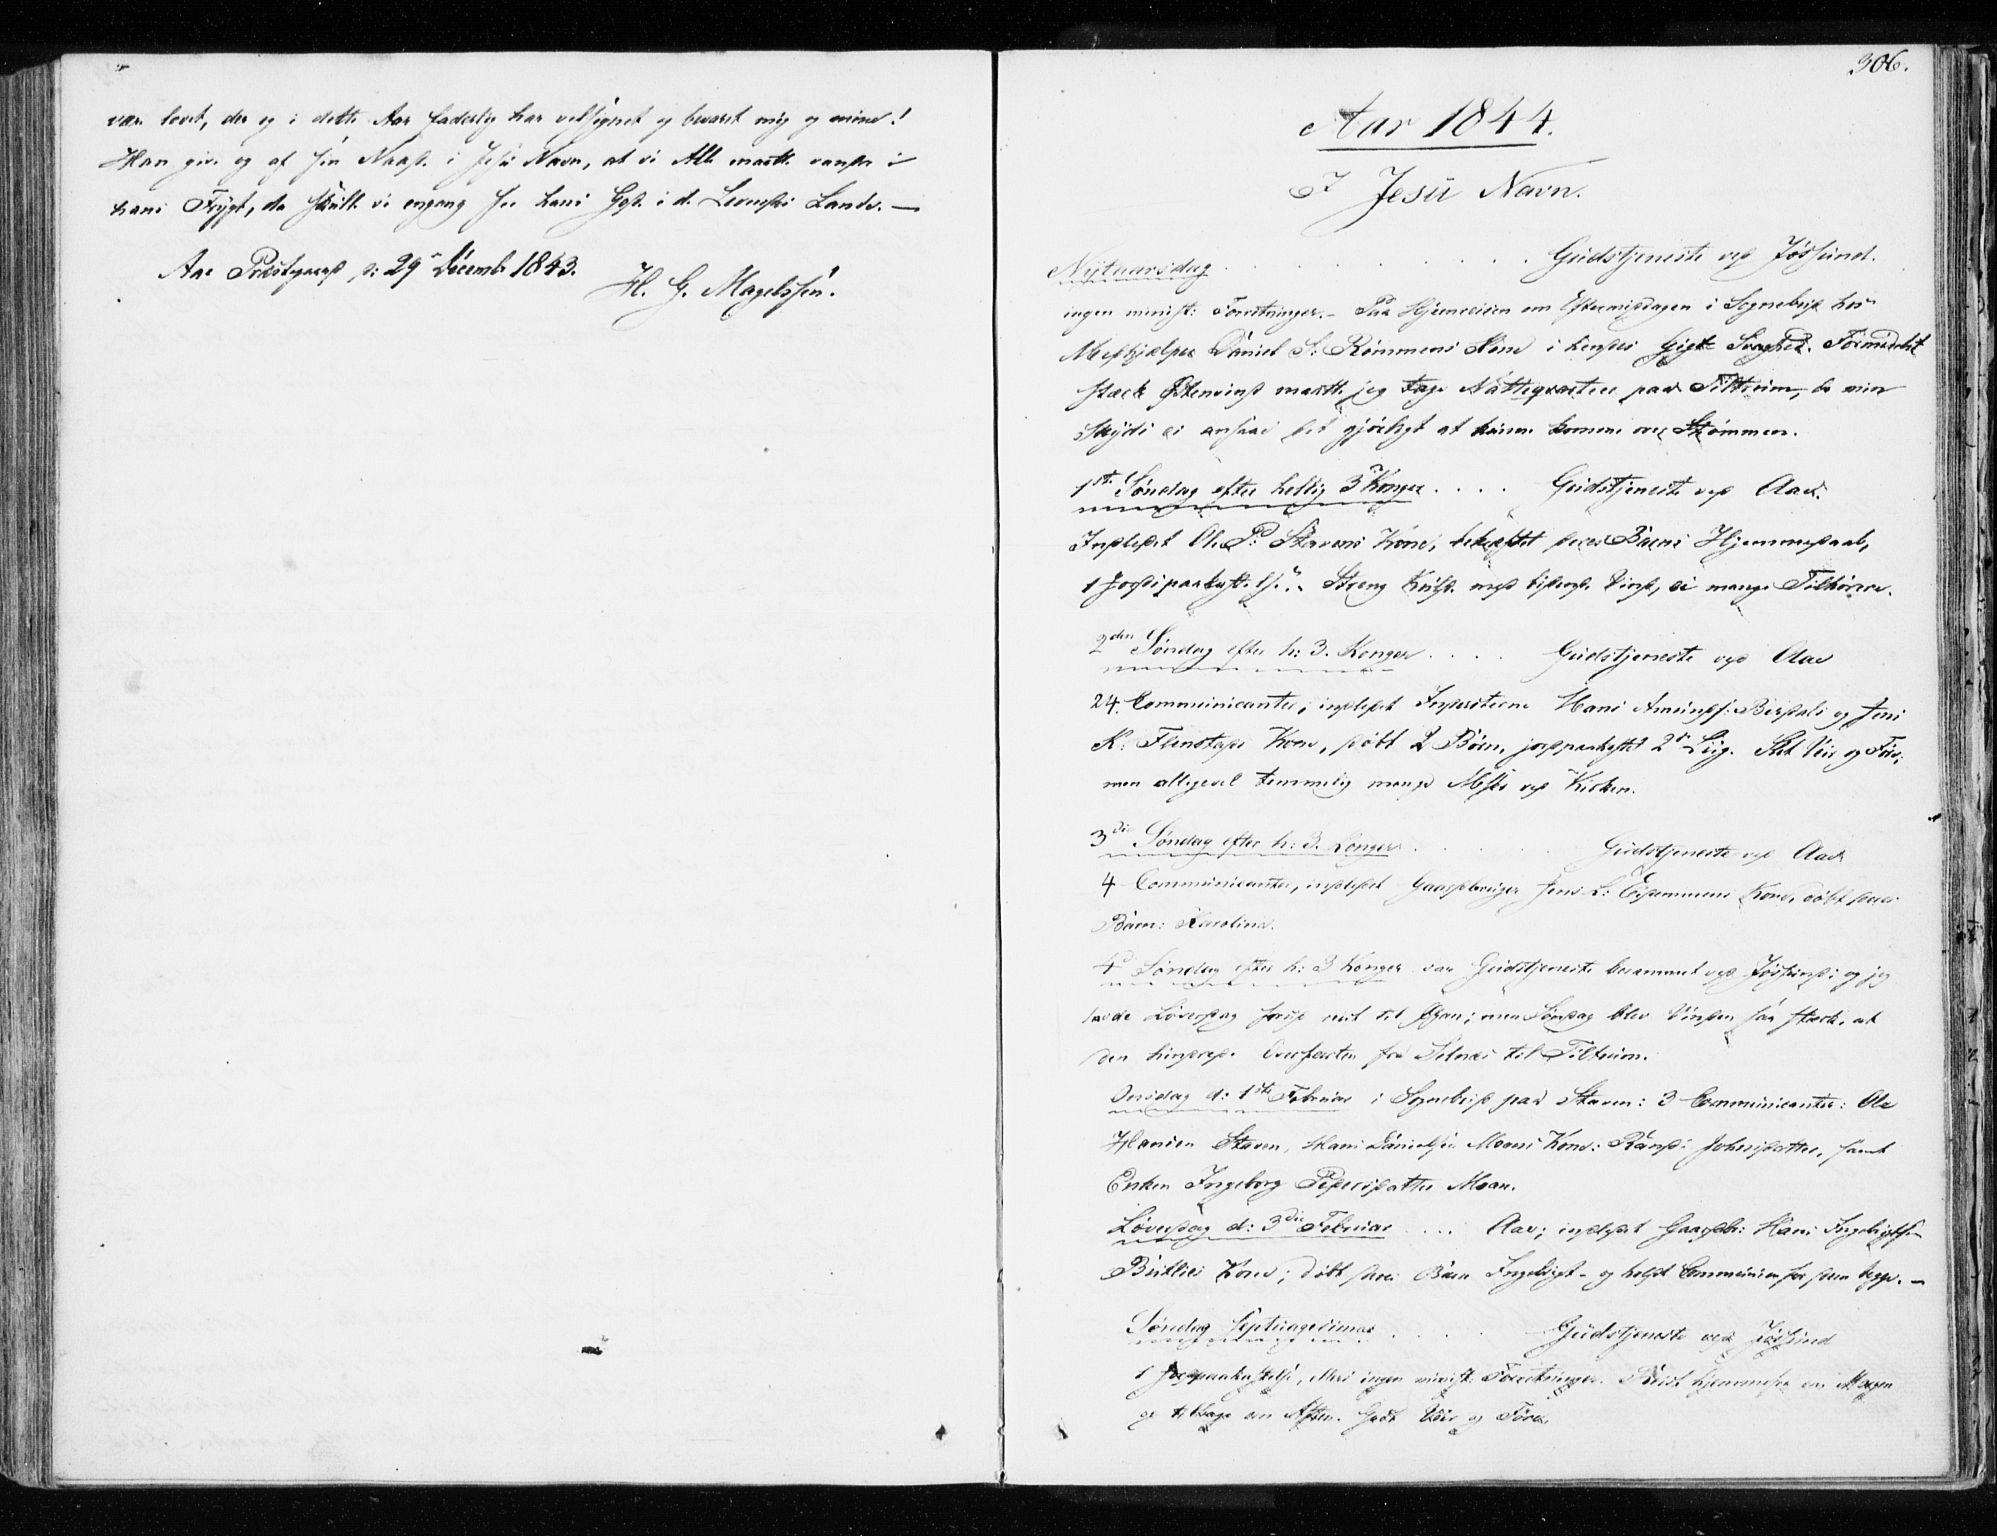 SAT, Ministerialprotokoller, klokkerbøker og fødselsregistre - Sør-Trøndelag, 655/L0676: Ministerialbok nr. 655A05, 1830-1847, s. 306